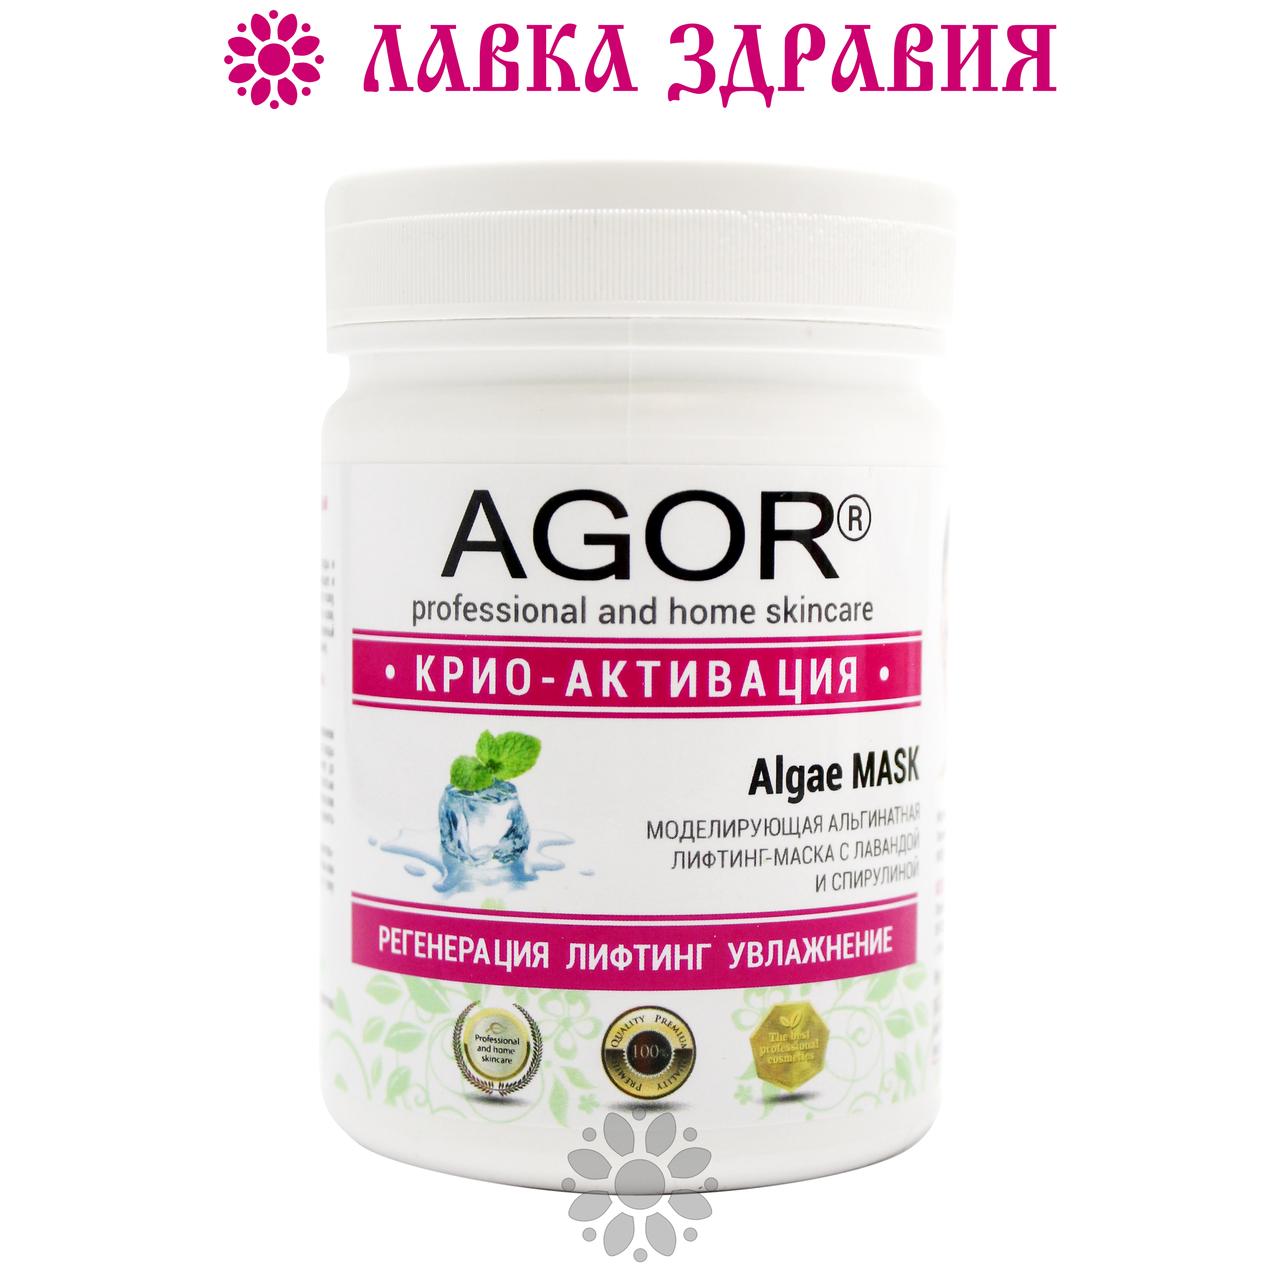 Альгинатная маска Крио-активация, 25 г, AGOR